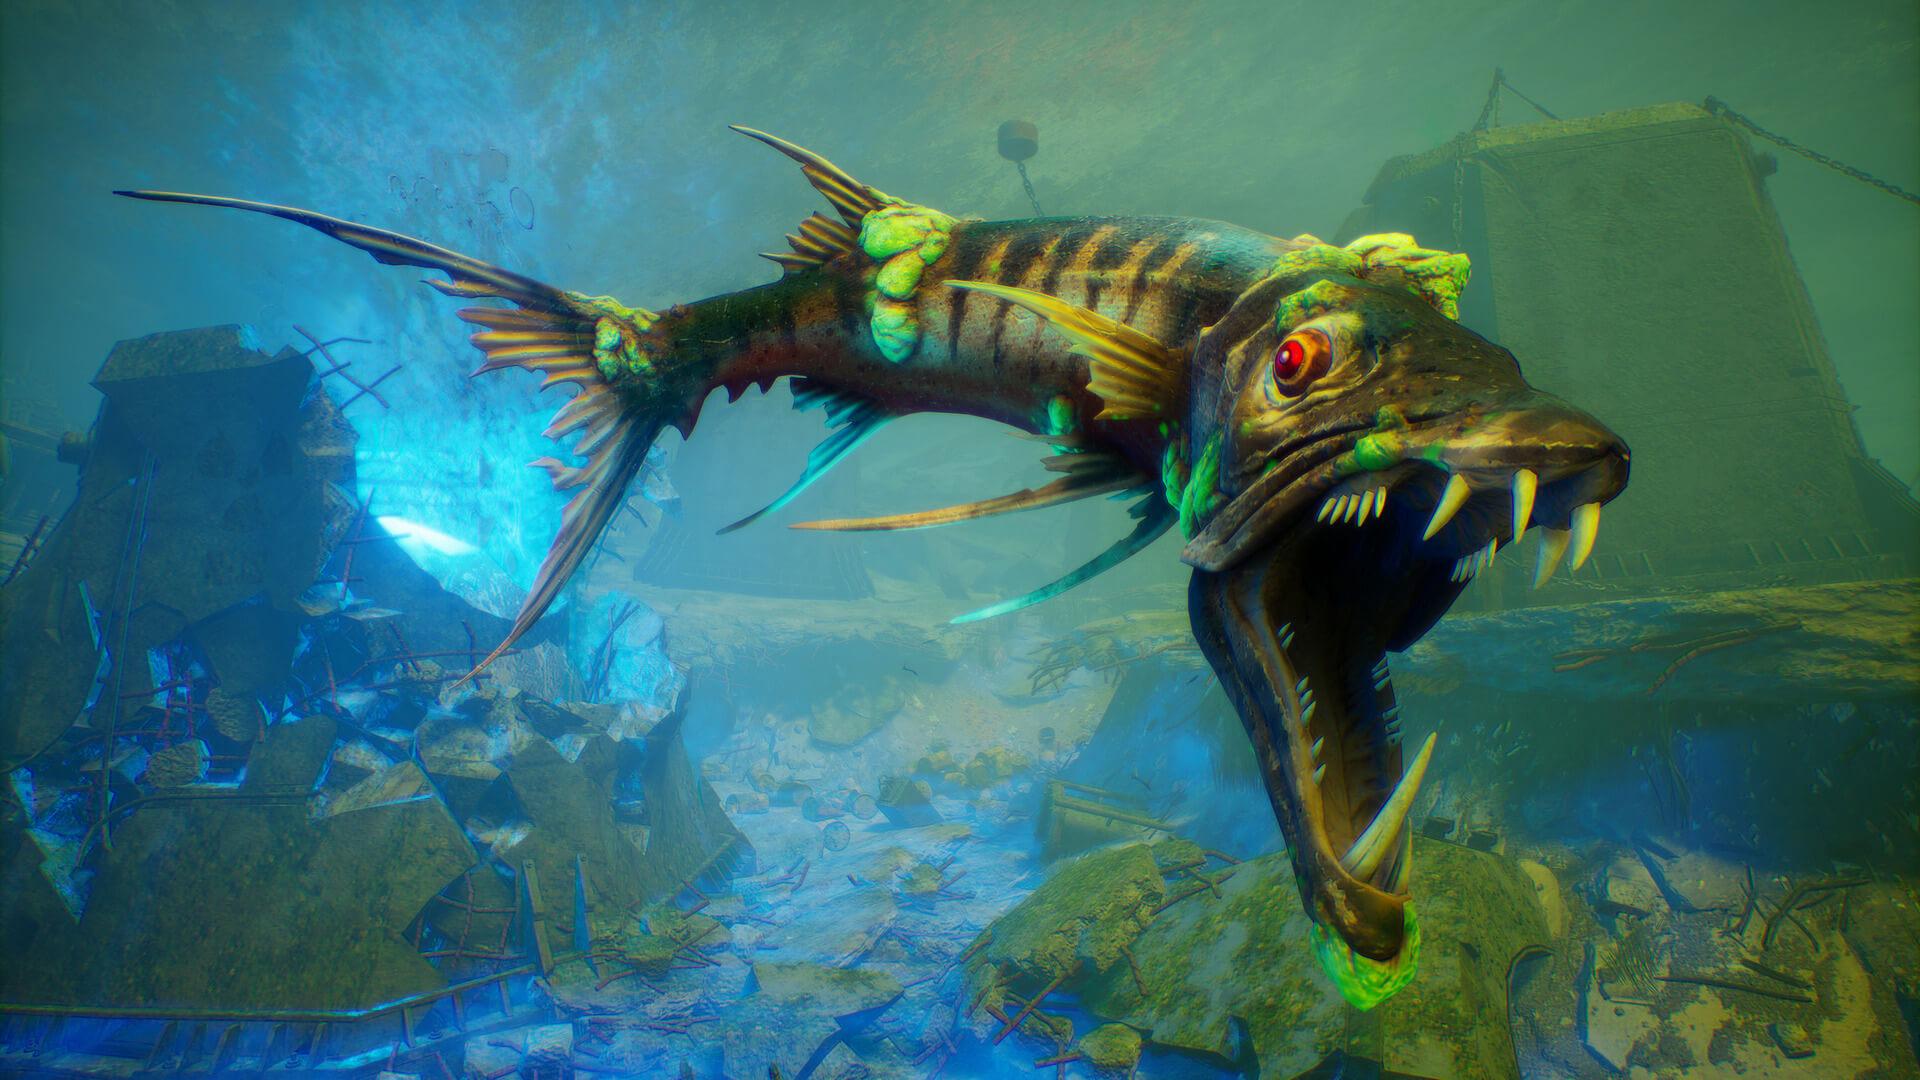 模拟游戏《食人鲨》全新截图放出 疯狂鲨鱼血腥杀戮